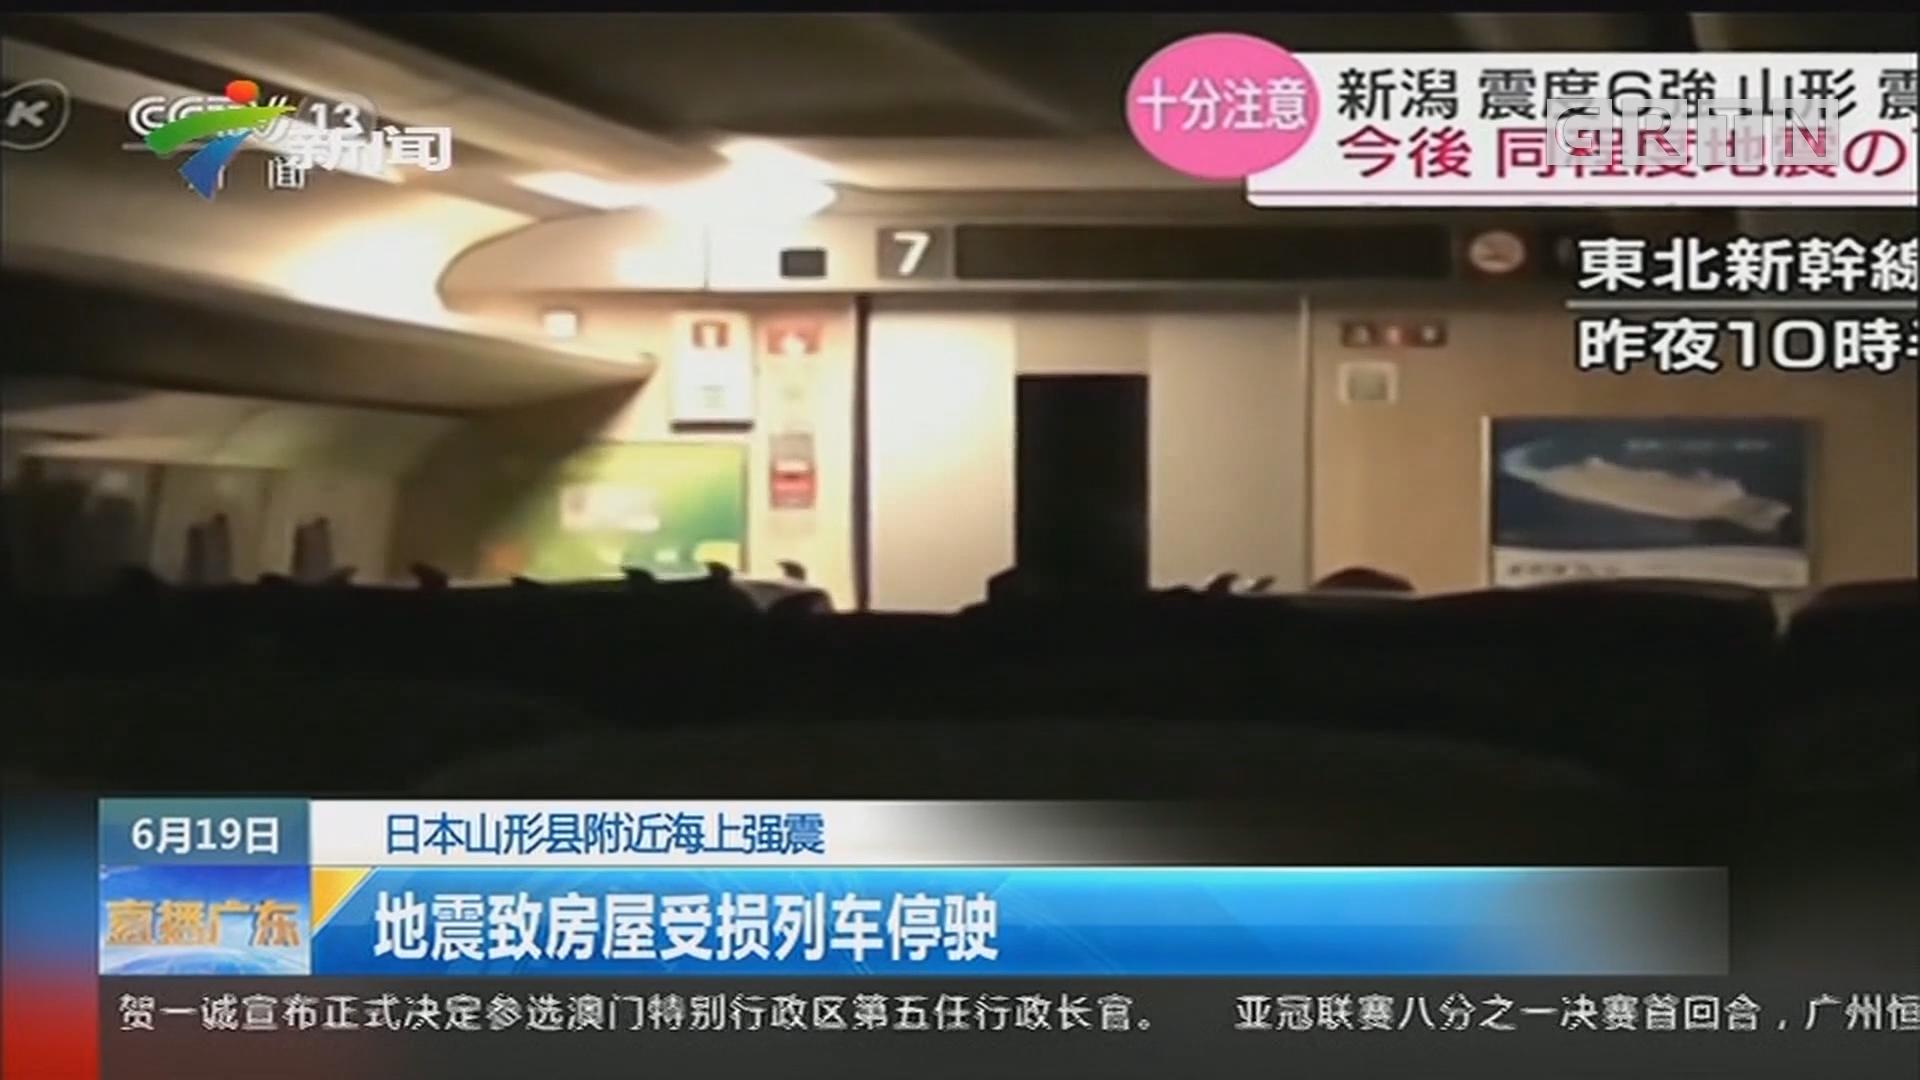 日本山形县附近海上强震:地震致房屋受损列车停驶